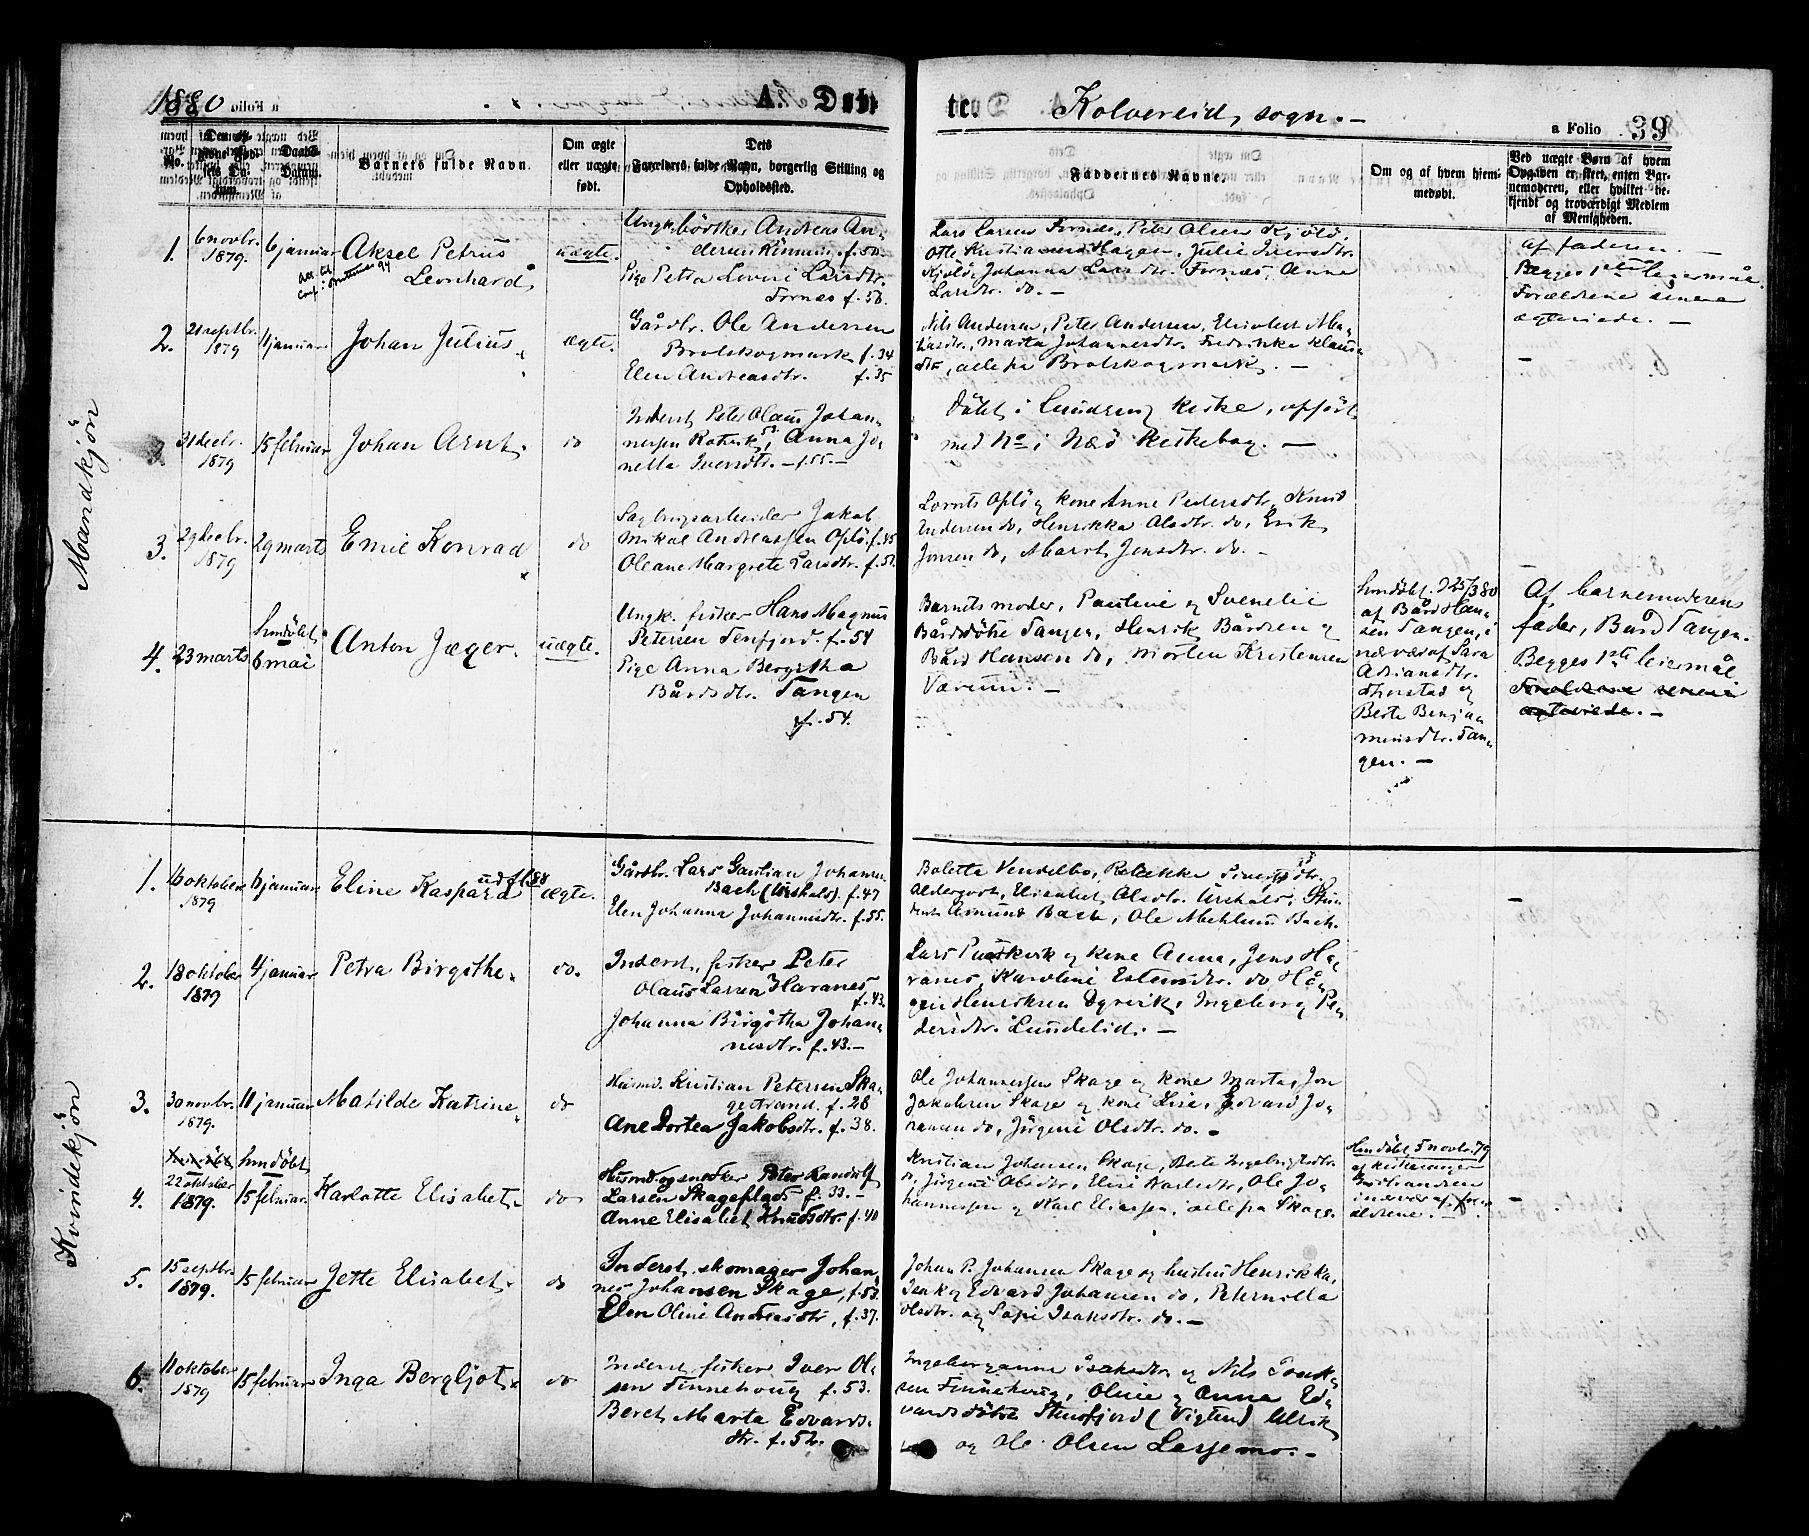 SAT, Ministerialprotokoller, klokkerbøker og fødselsregistre - Nord-Trøndelag, 780/L0642: Ministerialbok nr. 780A07 /1, 1874-1885, s. 39